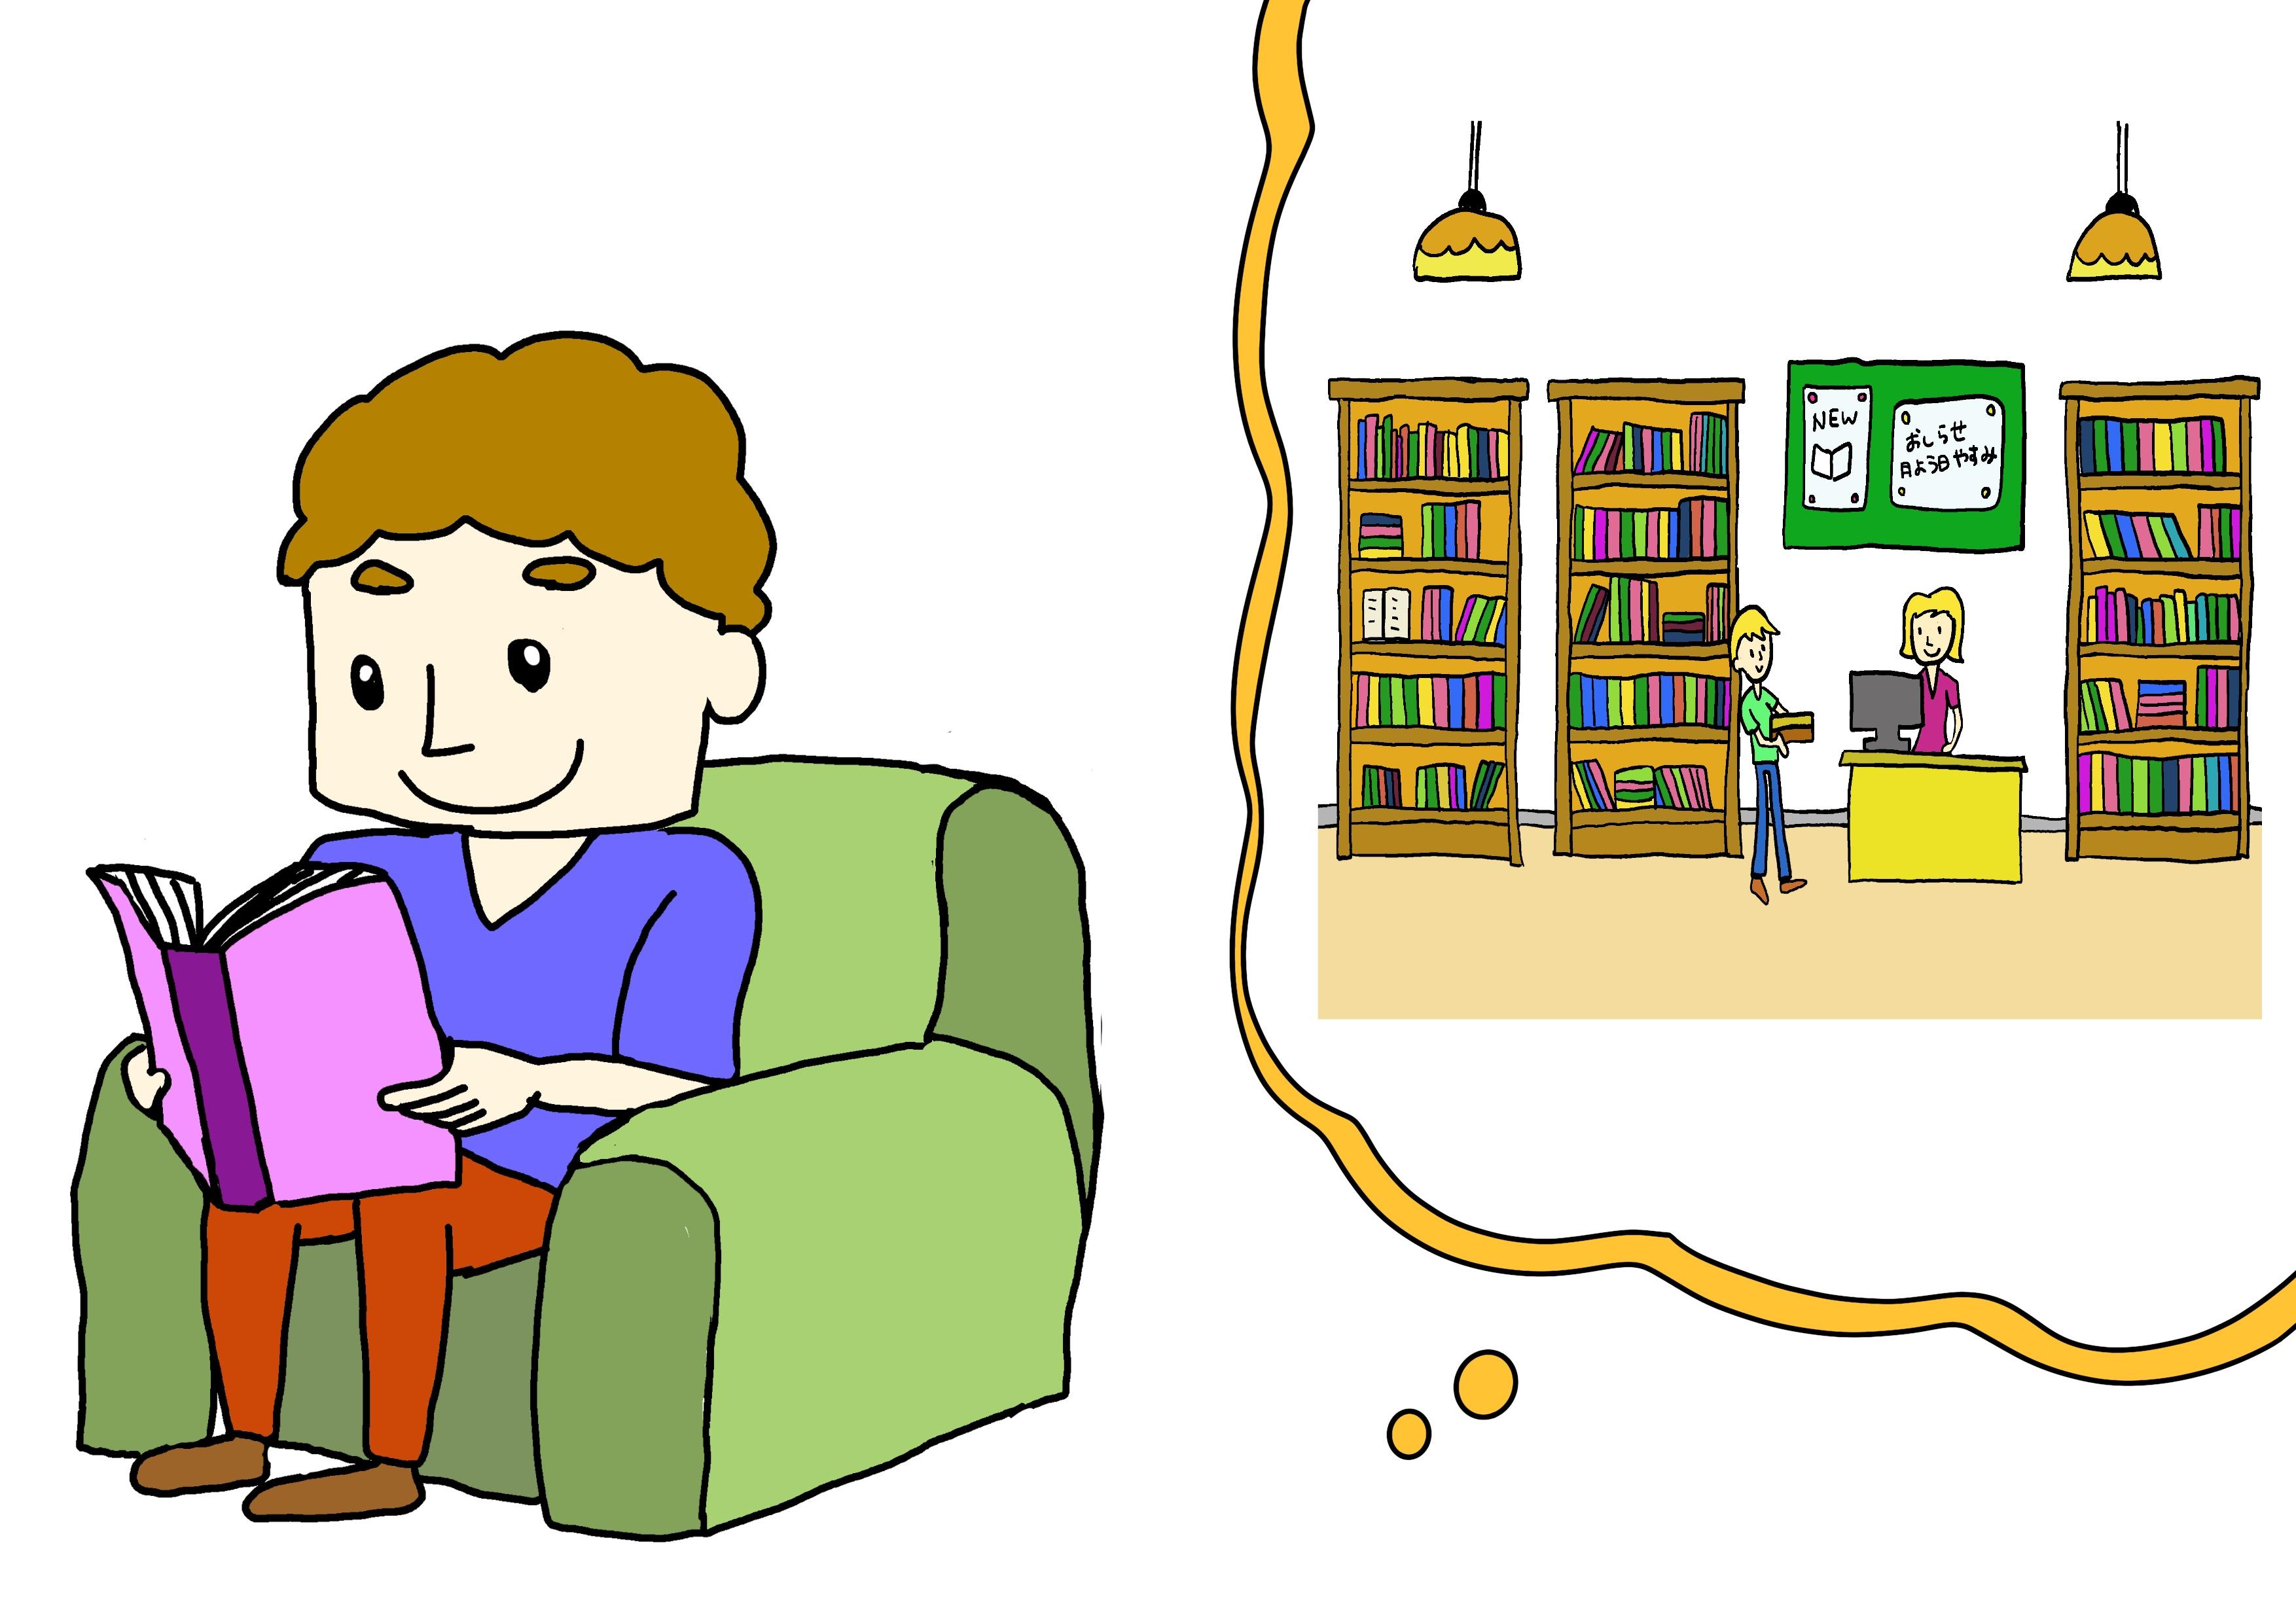 6課イラスト【図書館で本を読む】